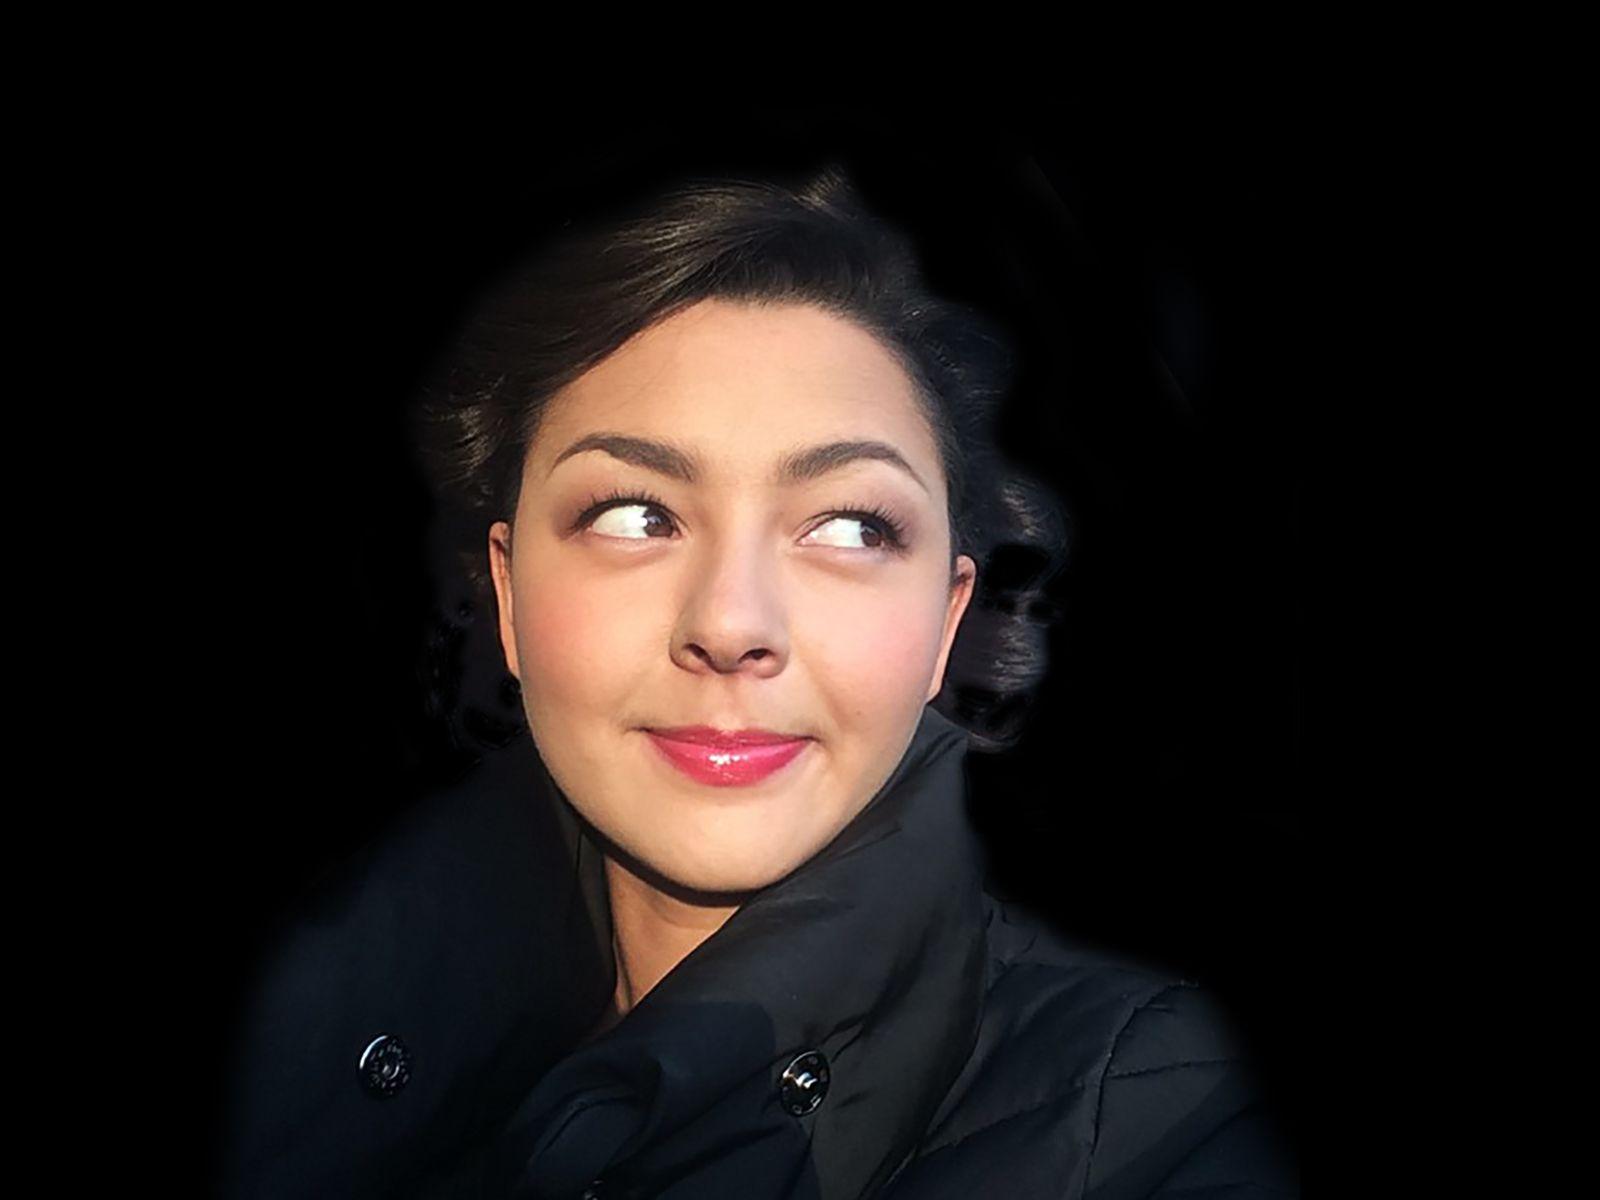 Марина кравец без макияжа фото